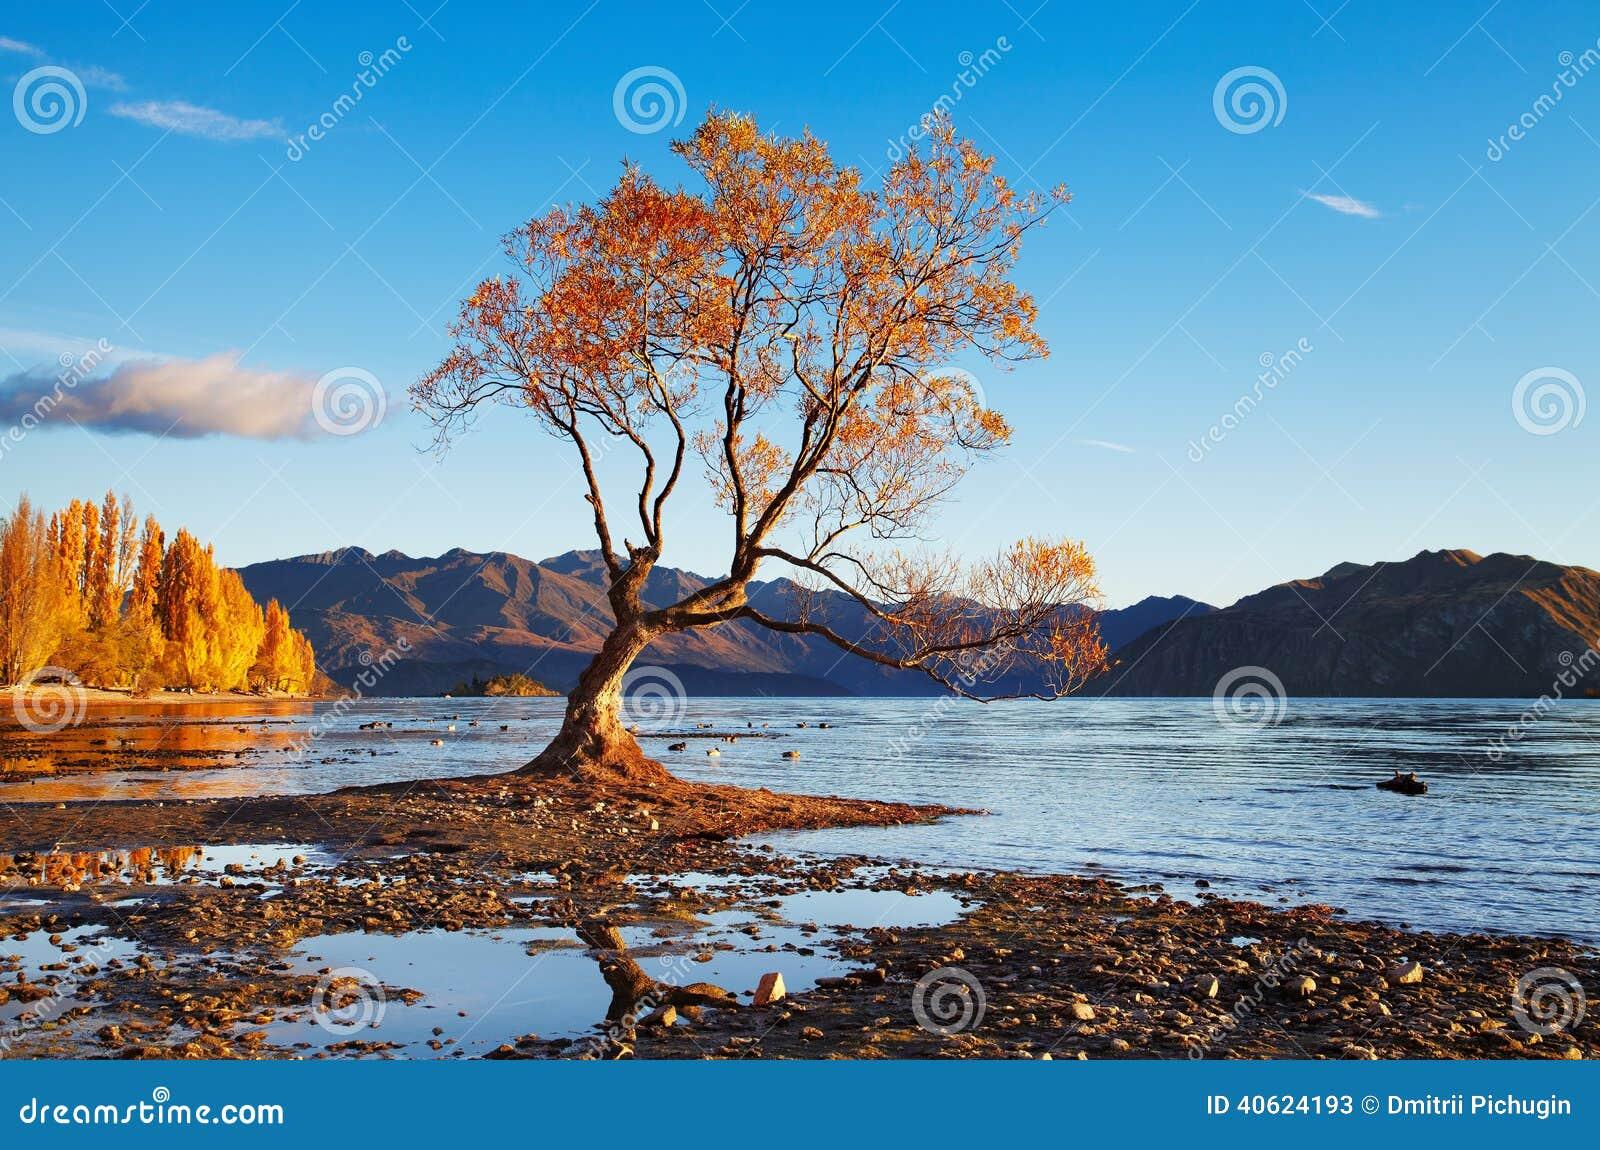 New Zealand Time Image: Lake Wanaka, New Zealand Stock Image. Image Of Beach